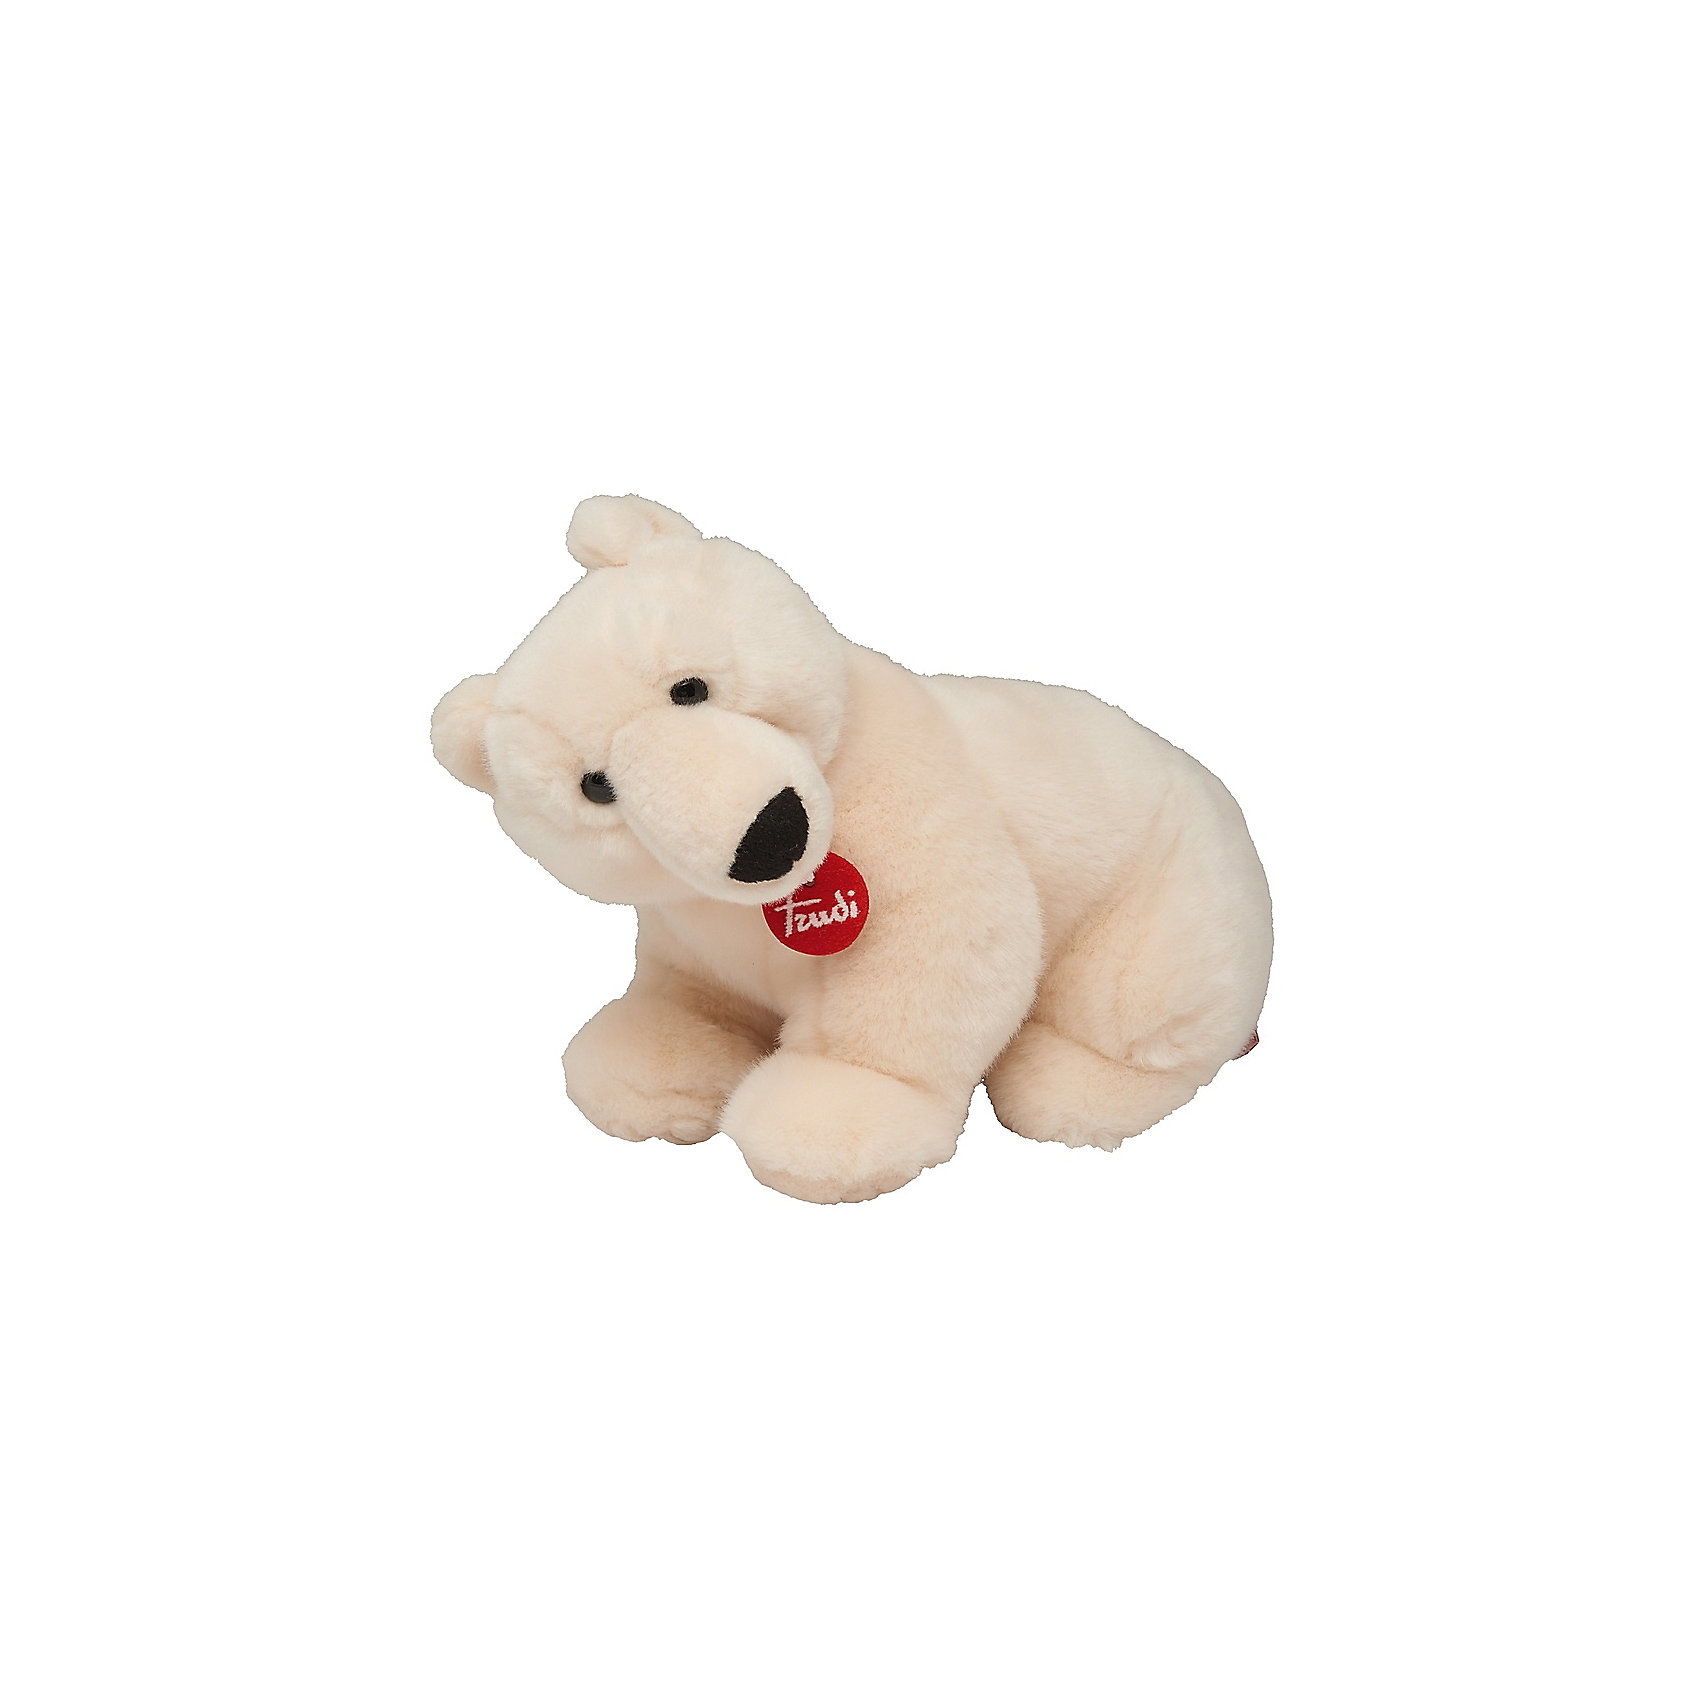 Полярный медведь Пласидо, 36 см, TrudiМедвежата<br>Характеристики товара:<br><br>• возраст от 3 лет;<br>• материал: плюш, пластик;<br>• высота игрушки 36 см;<br>• размер упаковки 29х24х19 см;<br>• вес упаковки 250 гр.;<br>• страна производитель Индонезия.<br><br>Полярный медведь Пласидо 36 см Trudi — мягкий белоснежный медвежонок с мягкими лапками, черным носиком и темными глазками. Медведь изготовлен из качественного безопасного материала, приятного на ощупь. Малыш моежт играть с игрушкой дома, брать на прогулку или в кроватку перед сном. Играя с игрушкой, у него развиваются тактильные ощущения, воображение.<br><br>Полярного медведя Пласидо 36 см Trudi можно приобрести в нашем интернет-магазине.<br><br>Ширина мм: 290<br>Глубина мм: 240<br>Высота мм: 190<br>Вес г: 250<br>Возраст от месяцев: 36<br>Возраст до месяцев: 2147483647<br>Пол: Унисекс<br>Возраст: Детский<br>SKU: 5578418